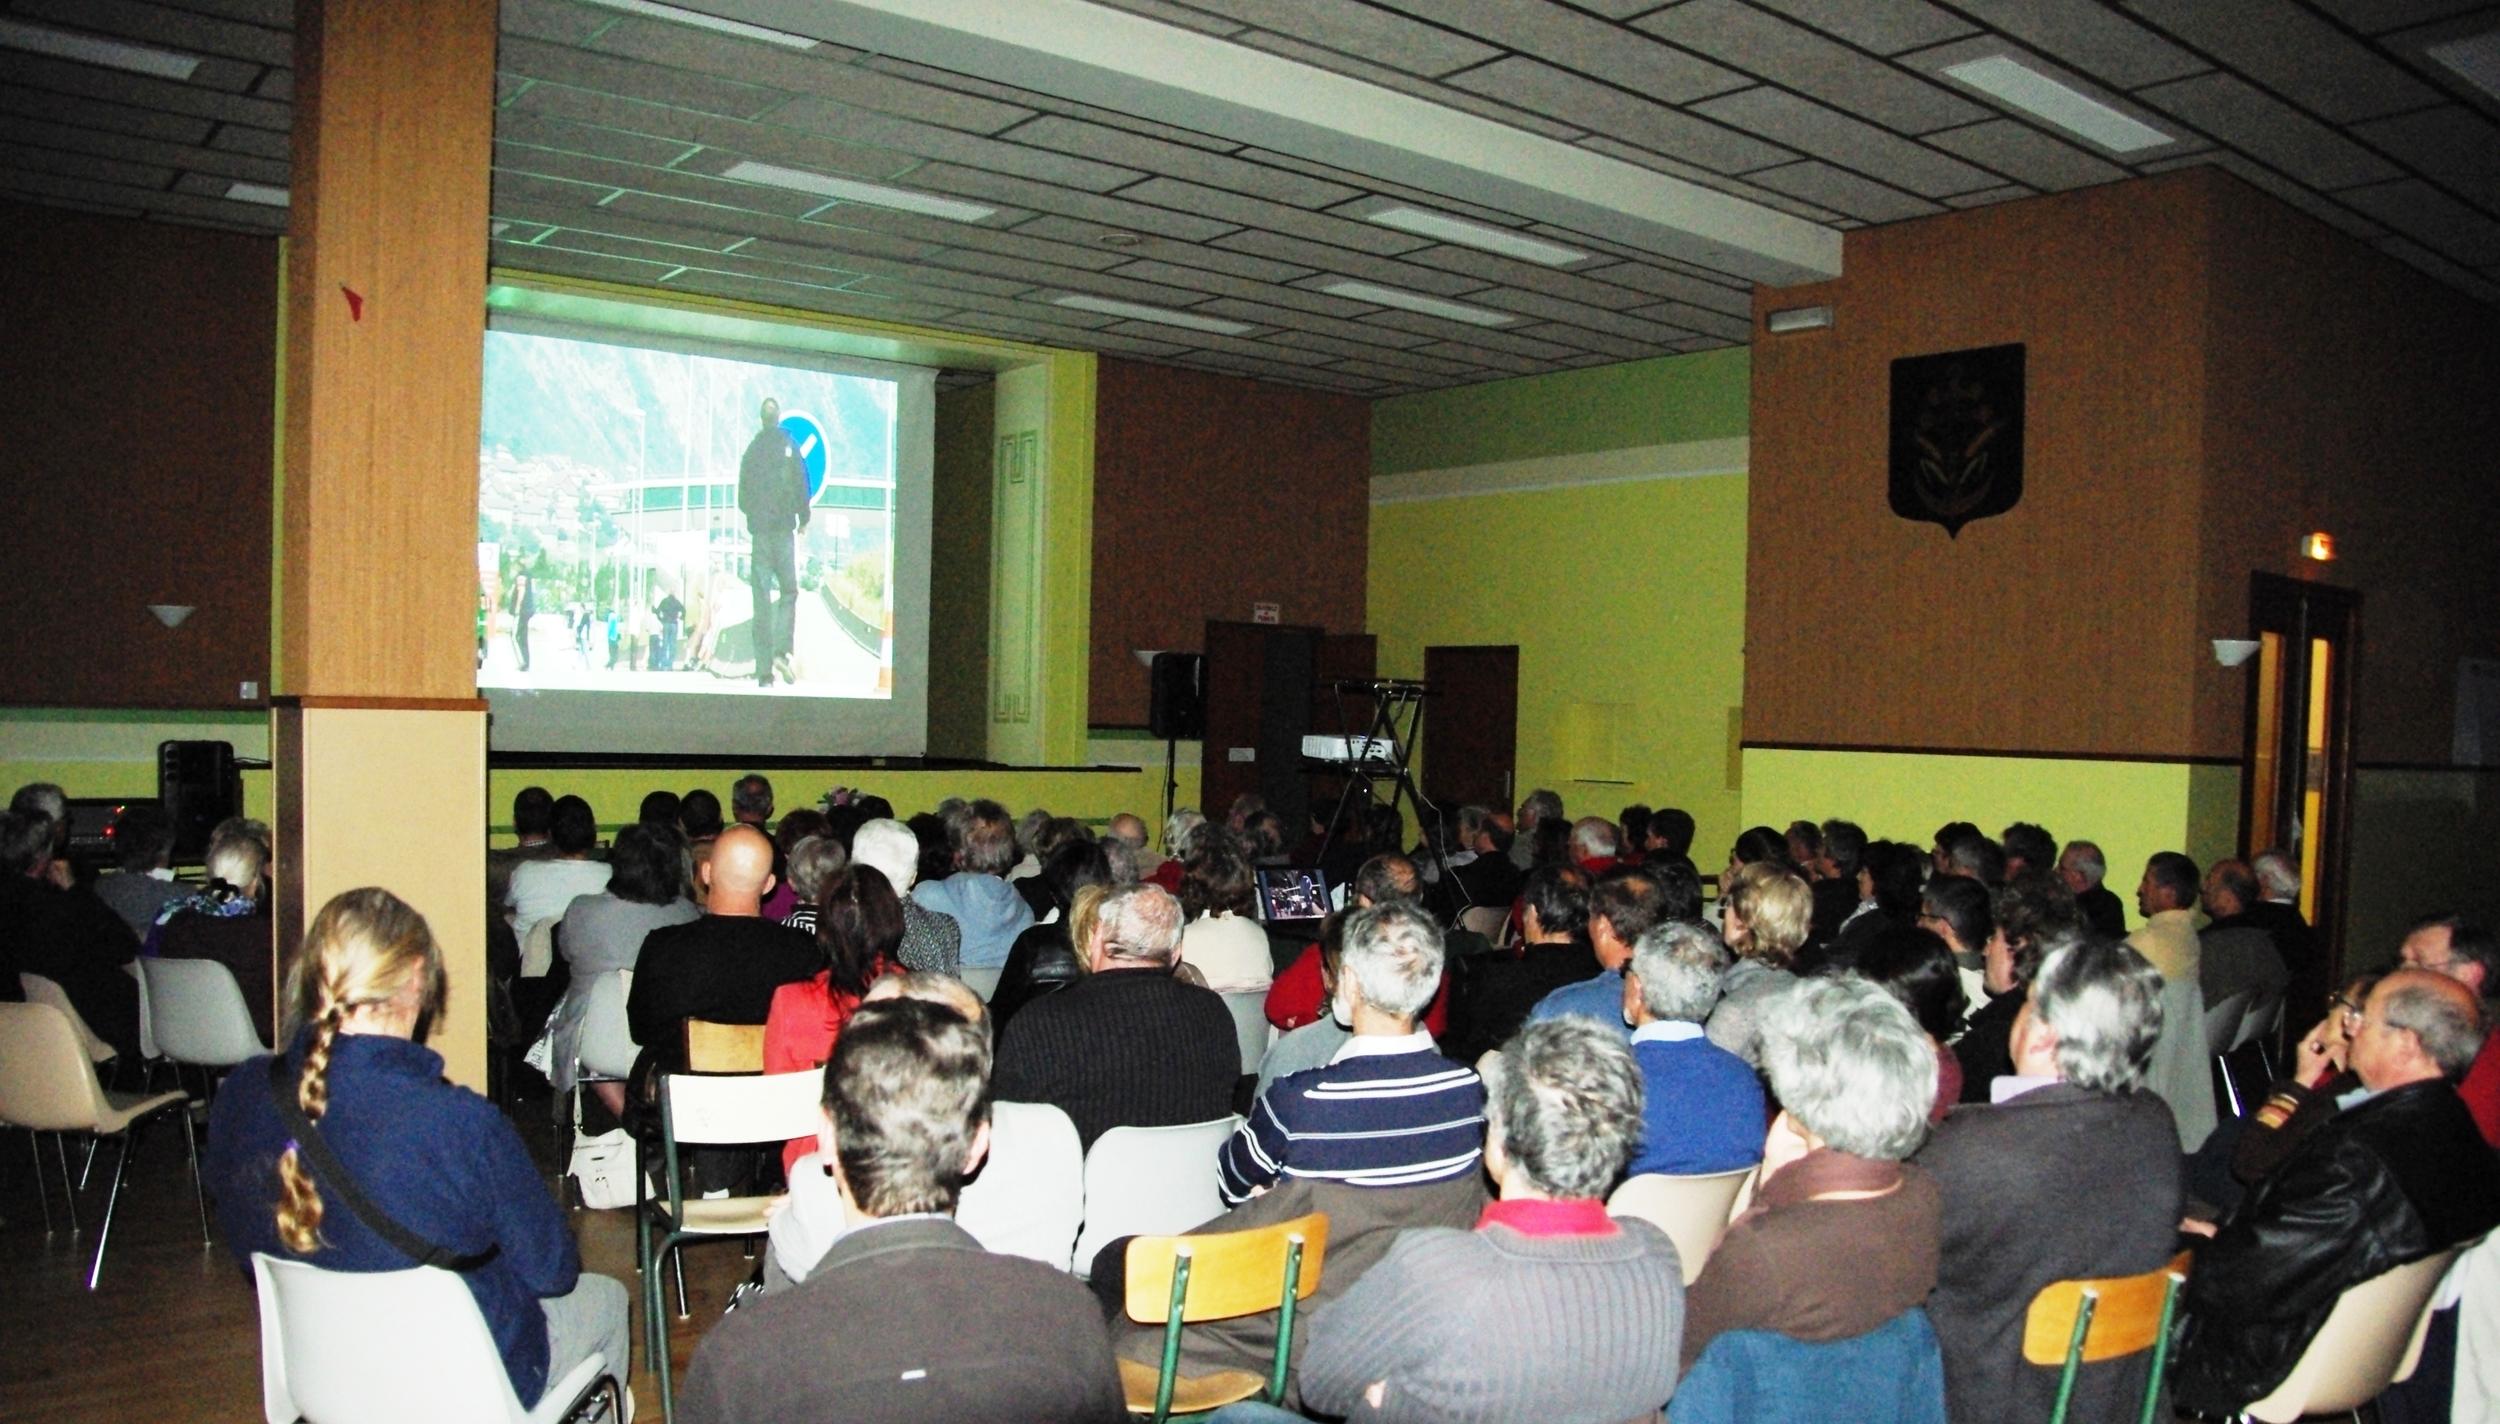 15 avril 2011, projection documentaire et débat, Jura